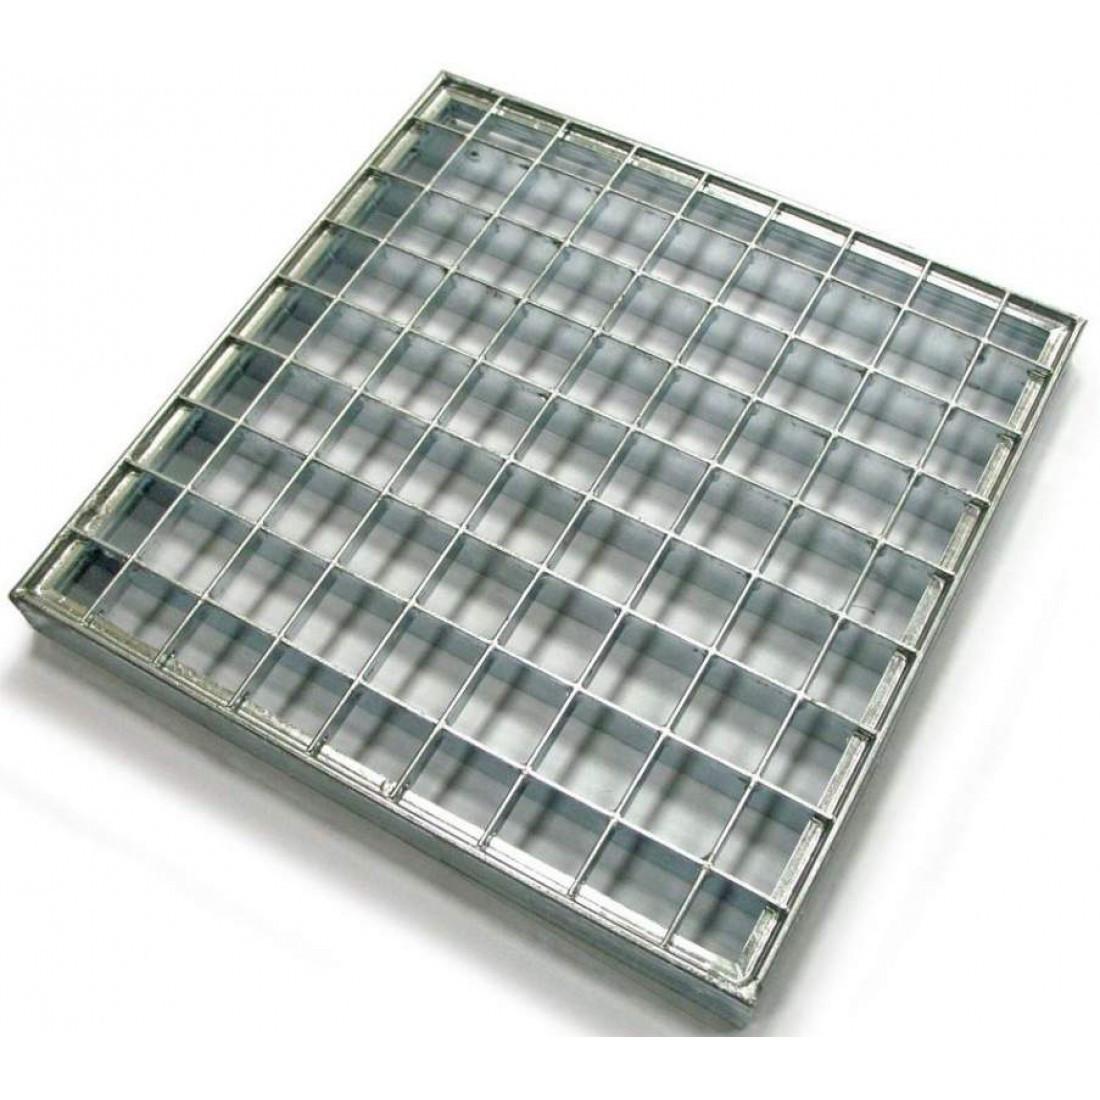 Решетка стальная 800x1000 мм (полоса 30x2 мм) мм (ячейка 33x33 мм), 17,8кг